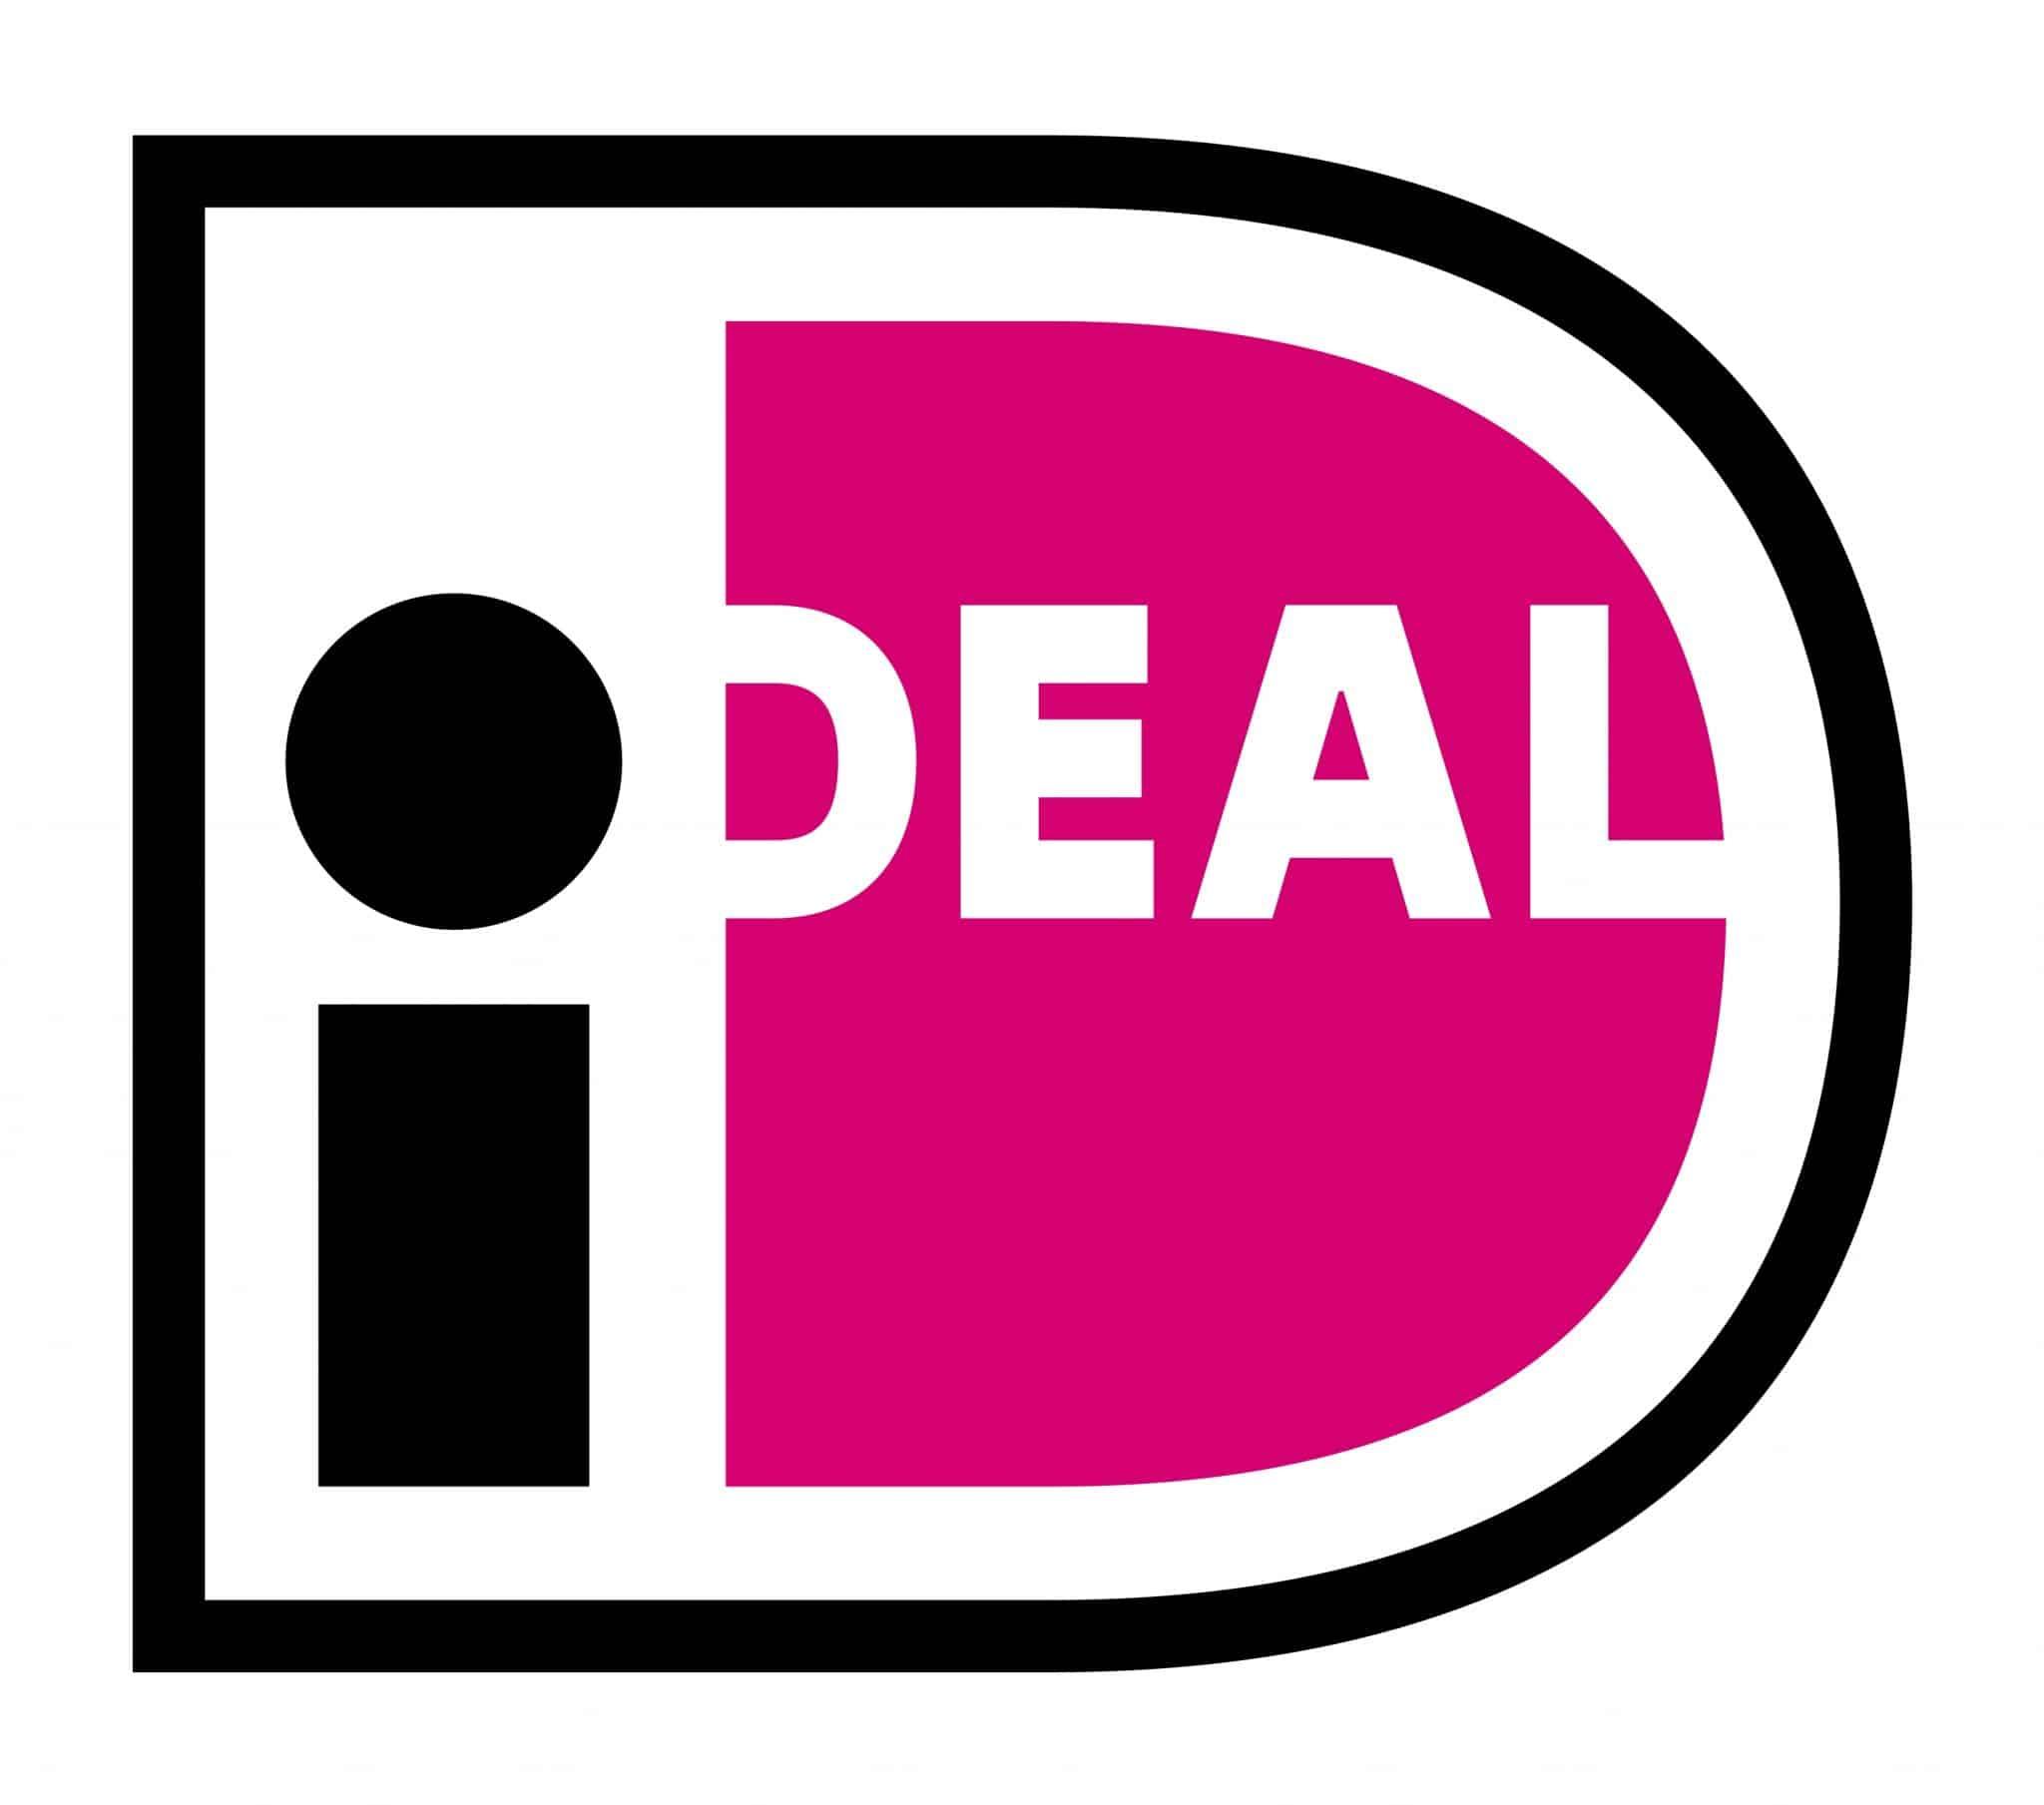 iDeal betaling mogelijk